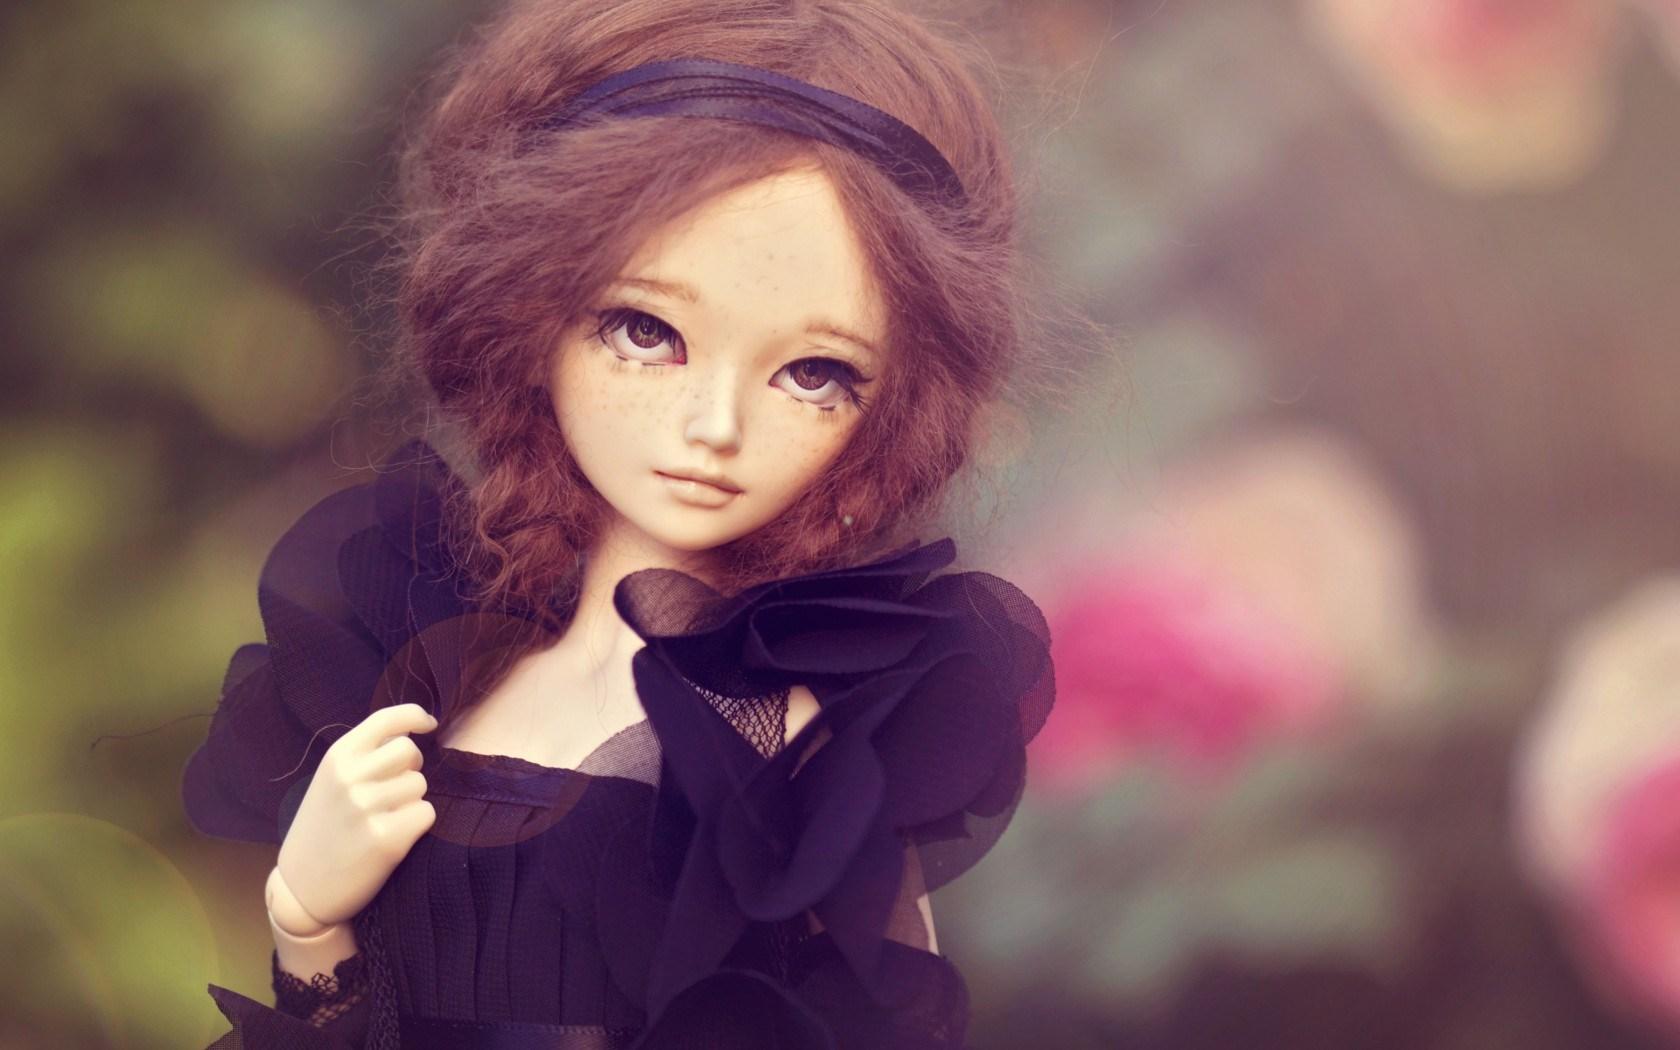 Beautiful Doll 1680x1050